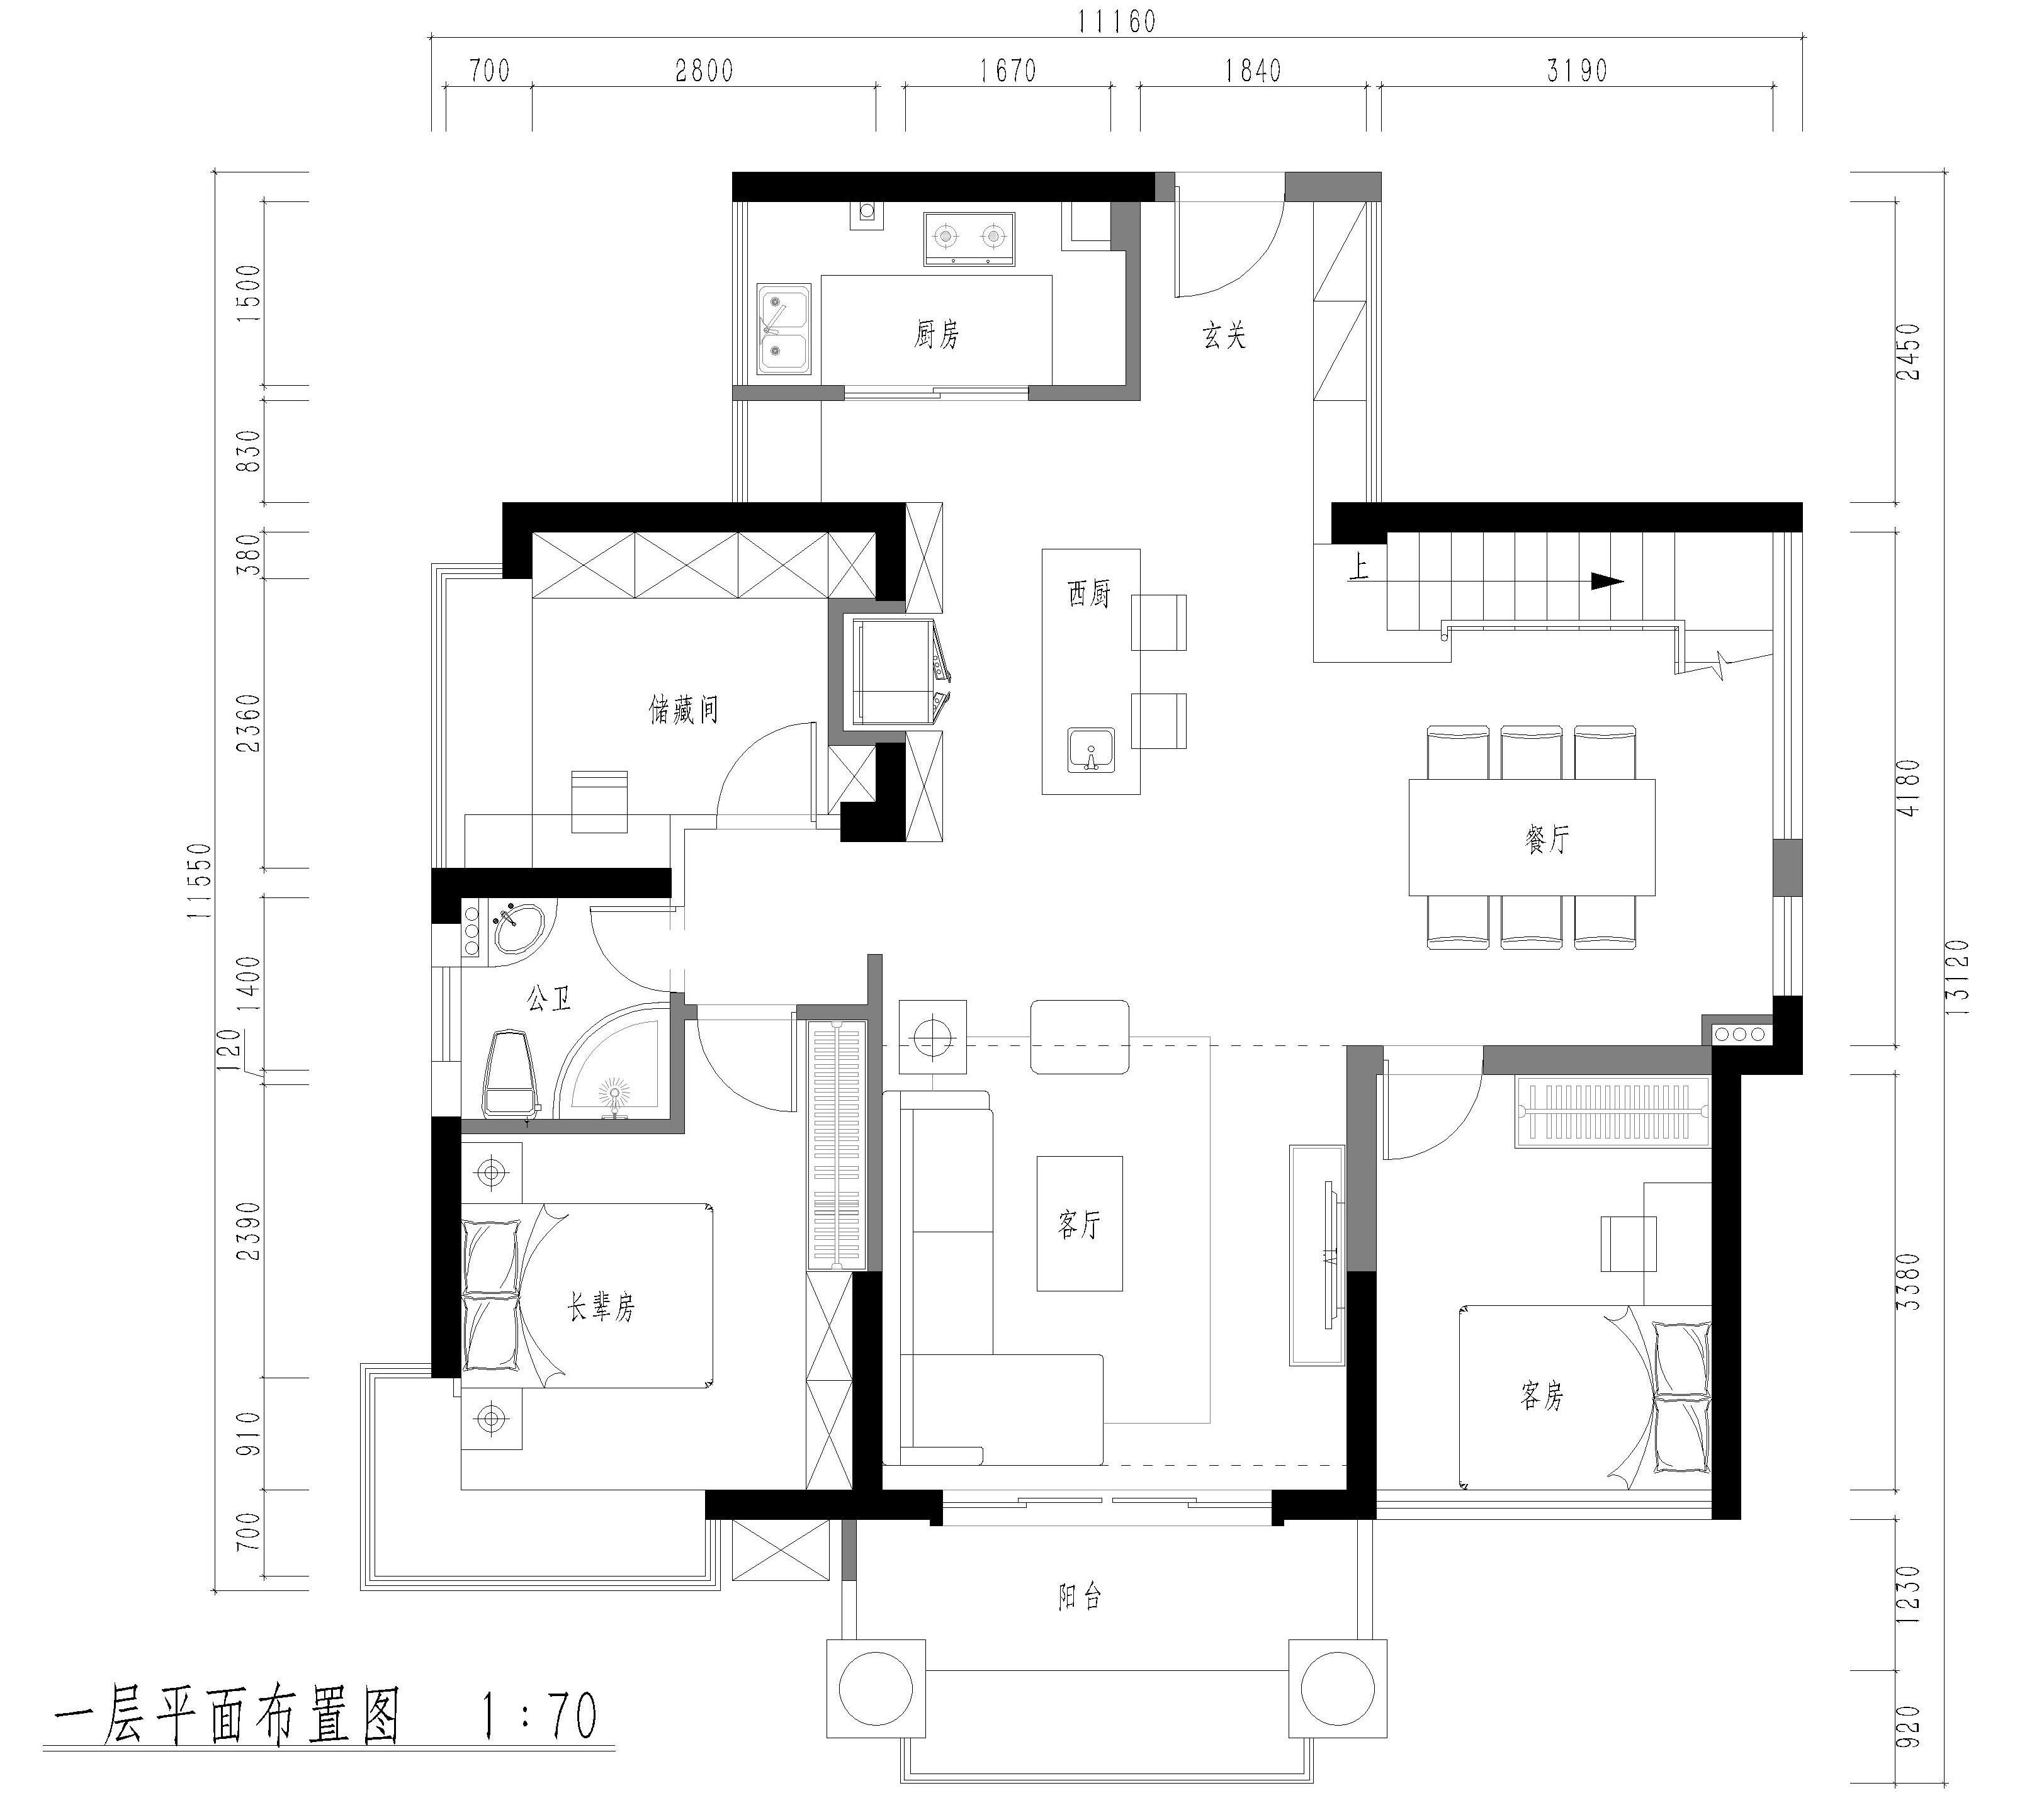 道滘碧琴湾花园装修案例-232㎡现代简约复式装修效果图装修设计理念